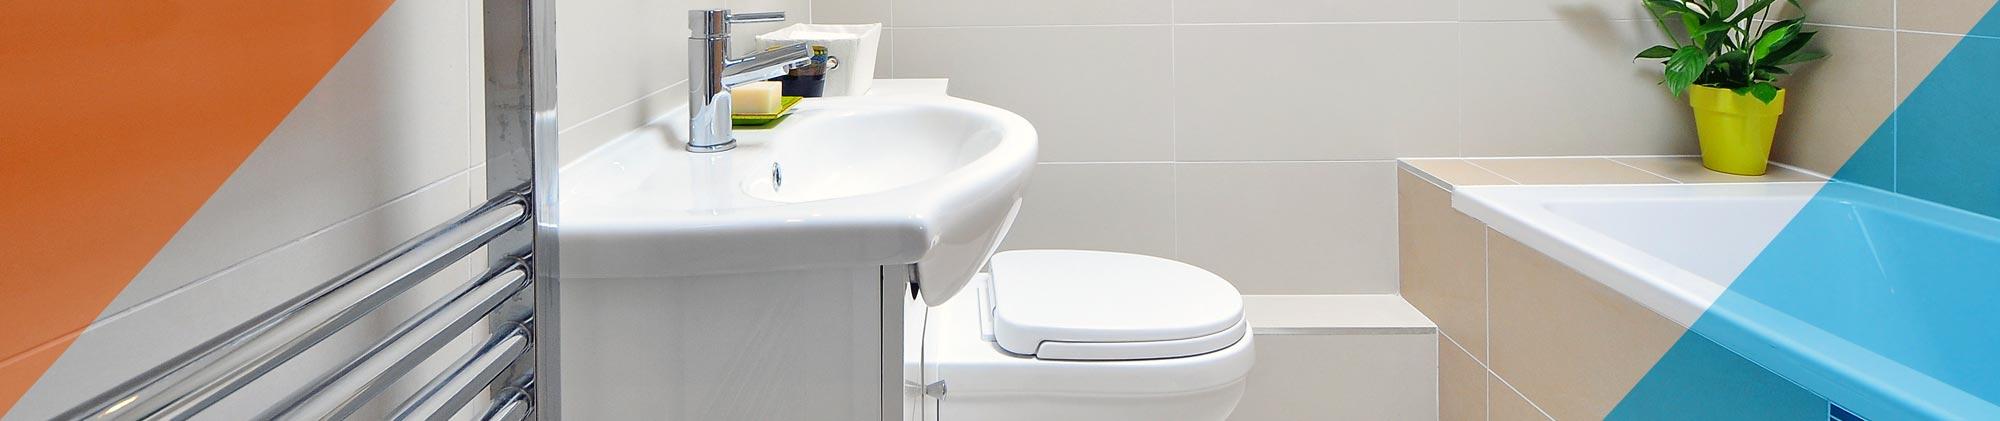 Plomberie chauffage salle de bain plombier chauffagiste for Plomberie salle de bain conseil